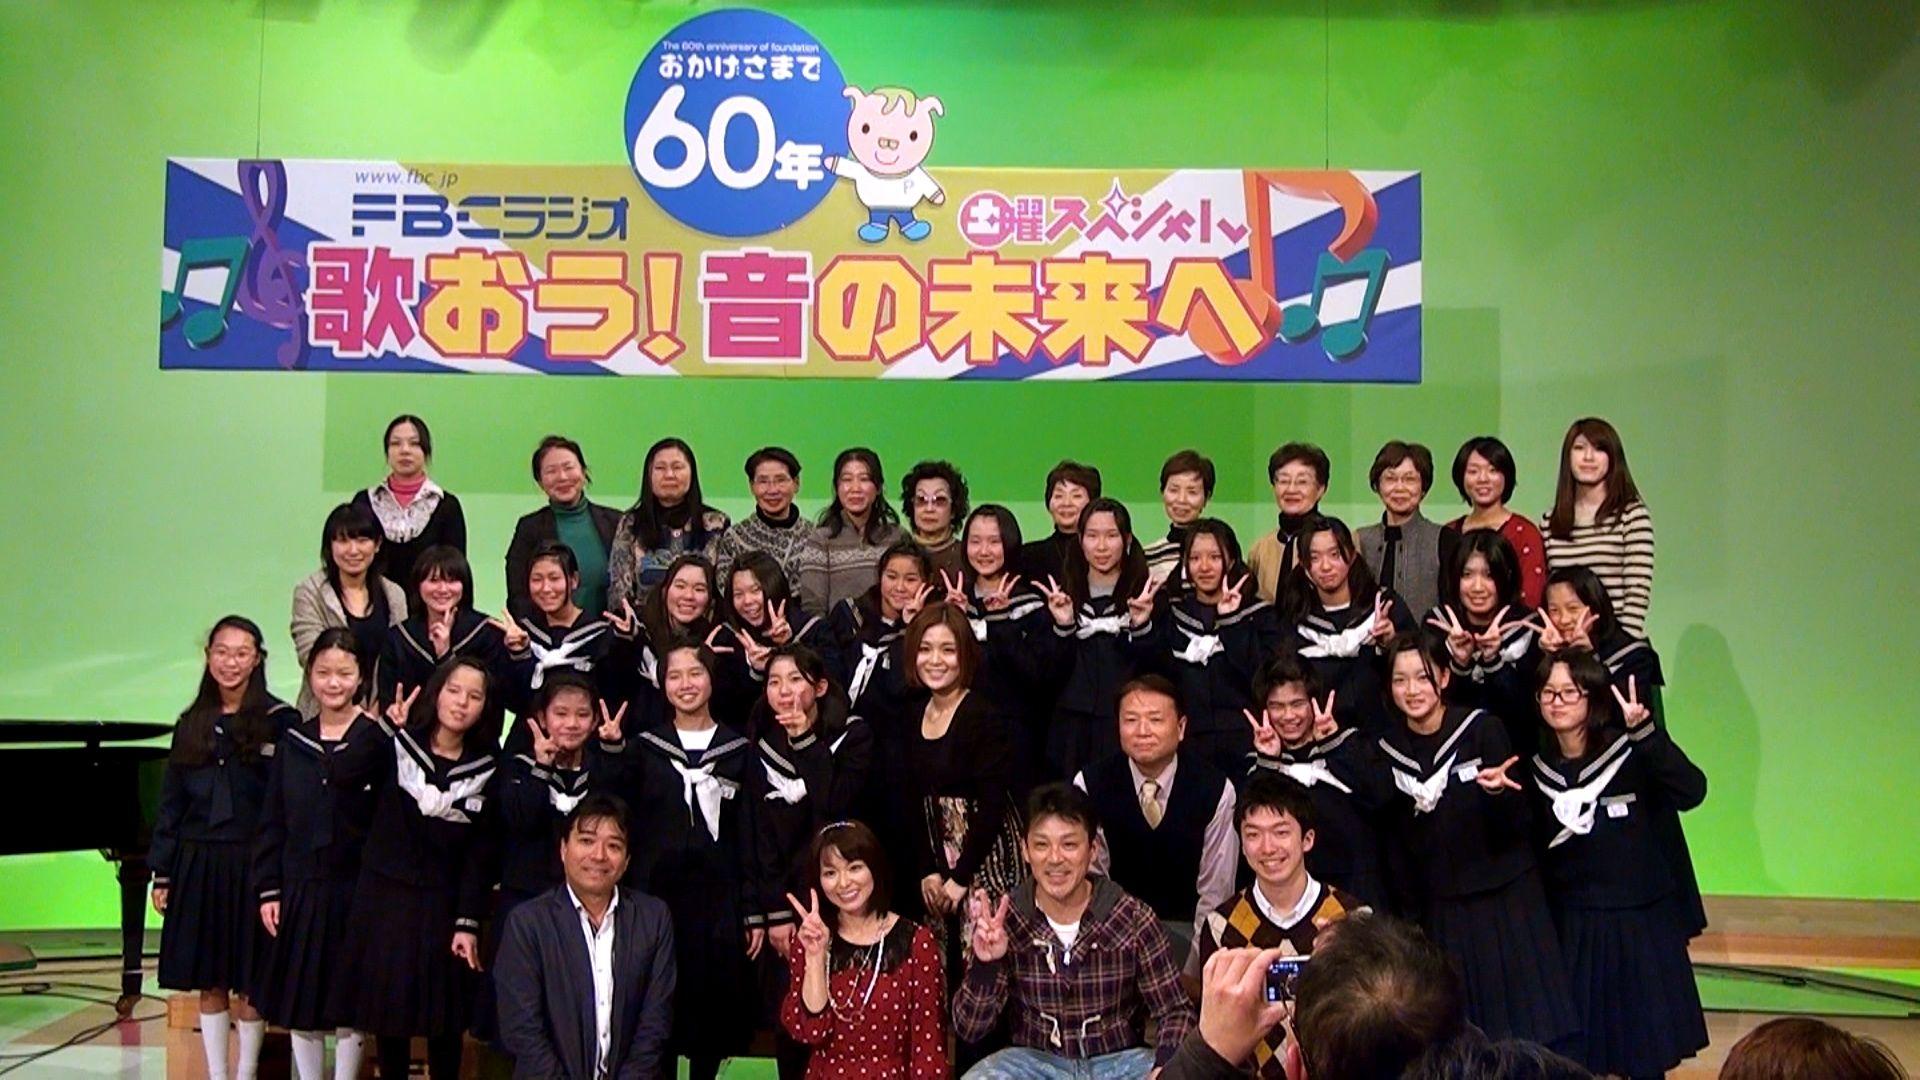 福井放送60周年記念曲「音の未来へ」合唱_a0271541_0441071.jpg